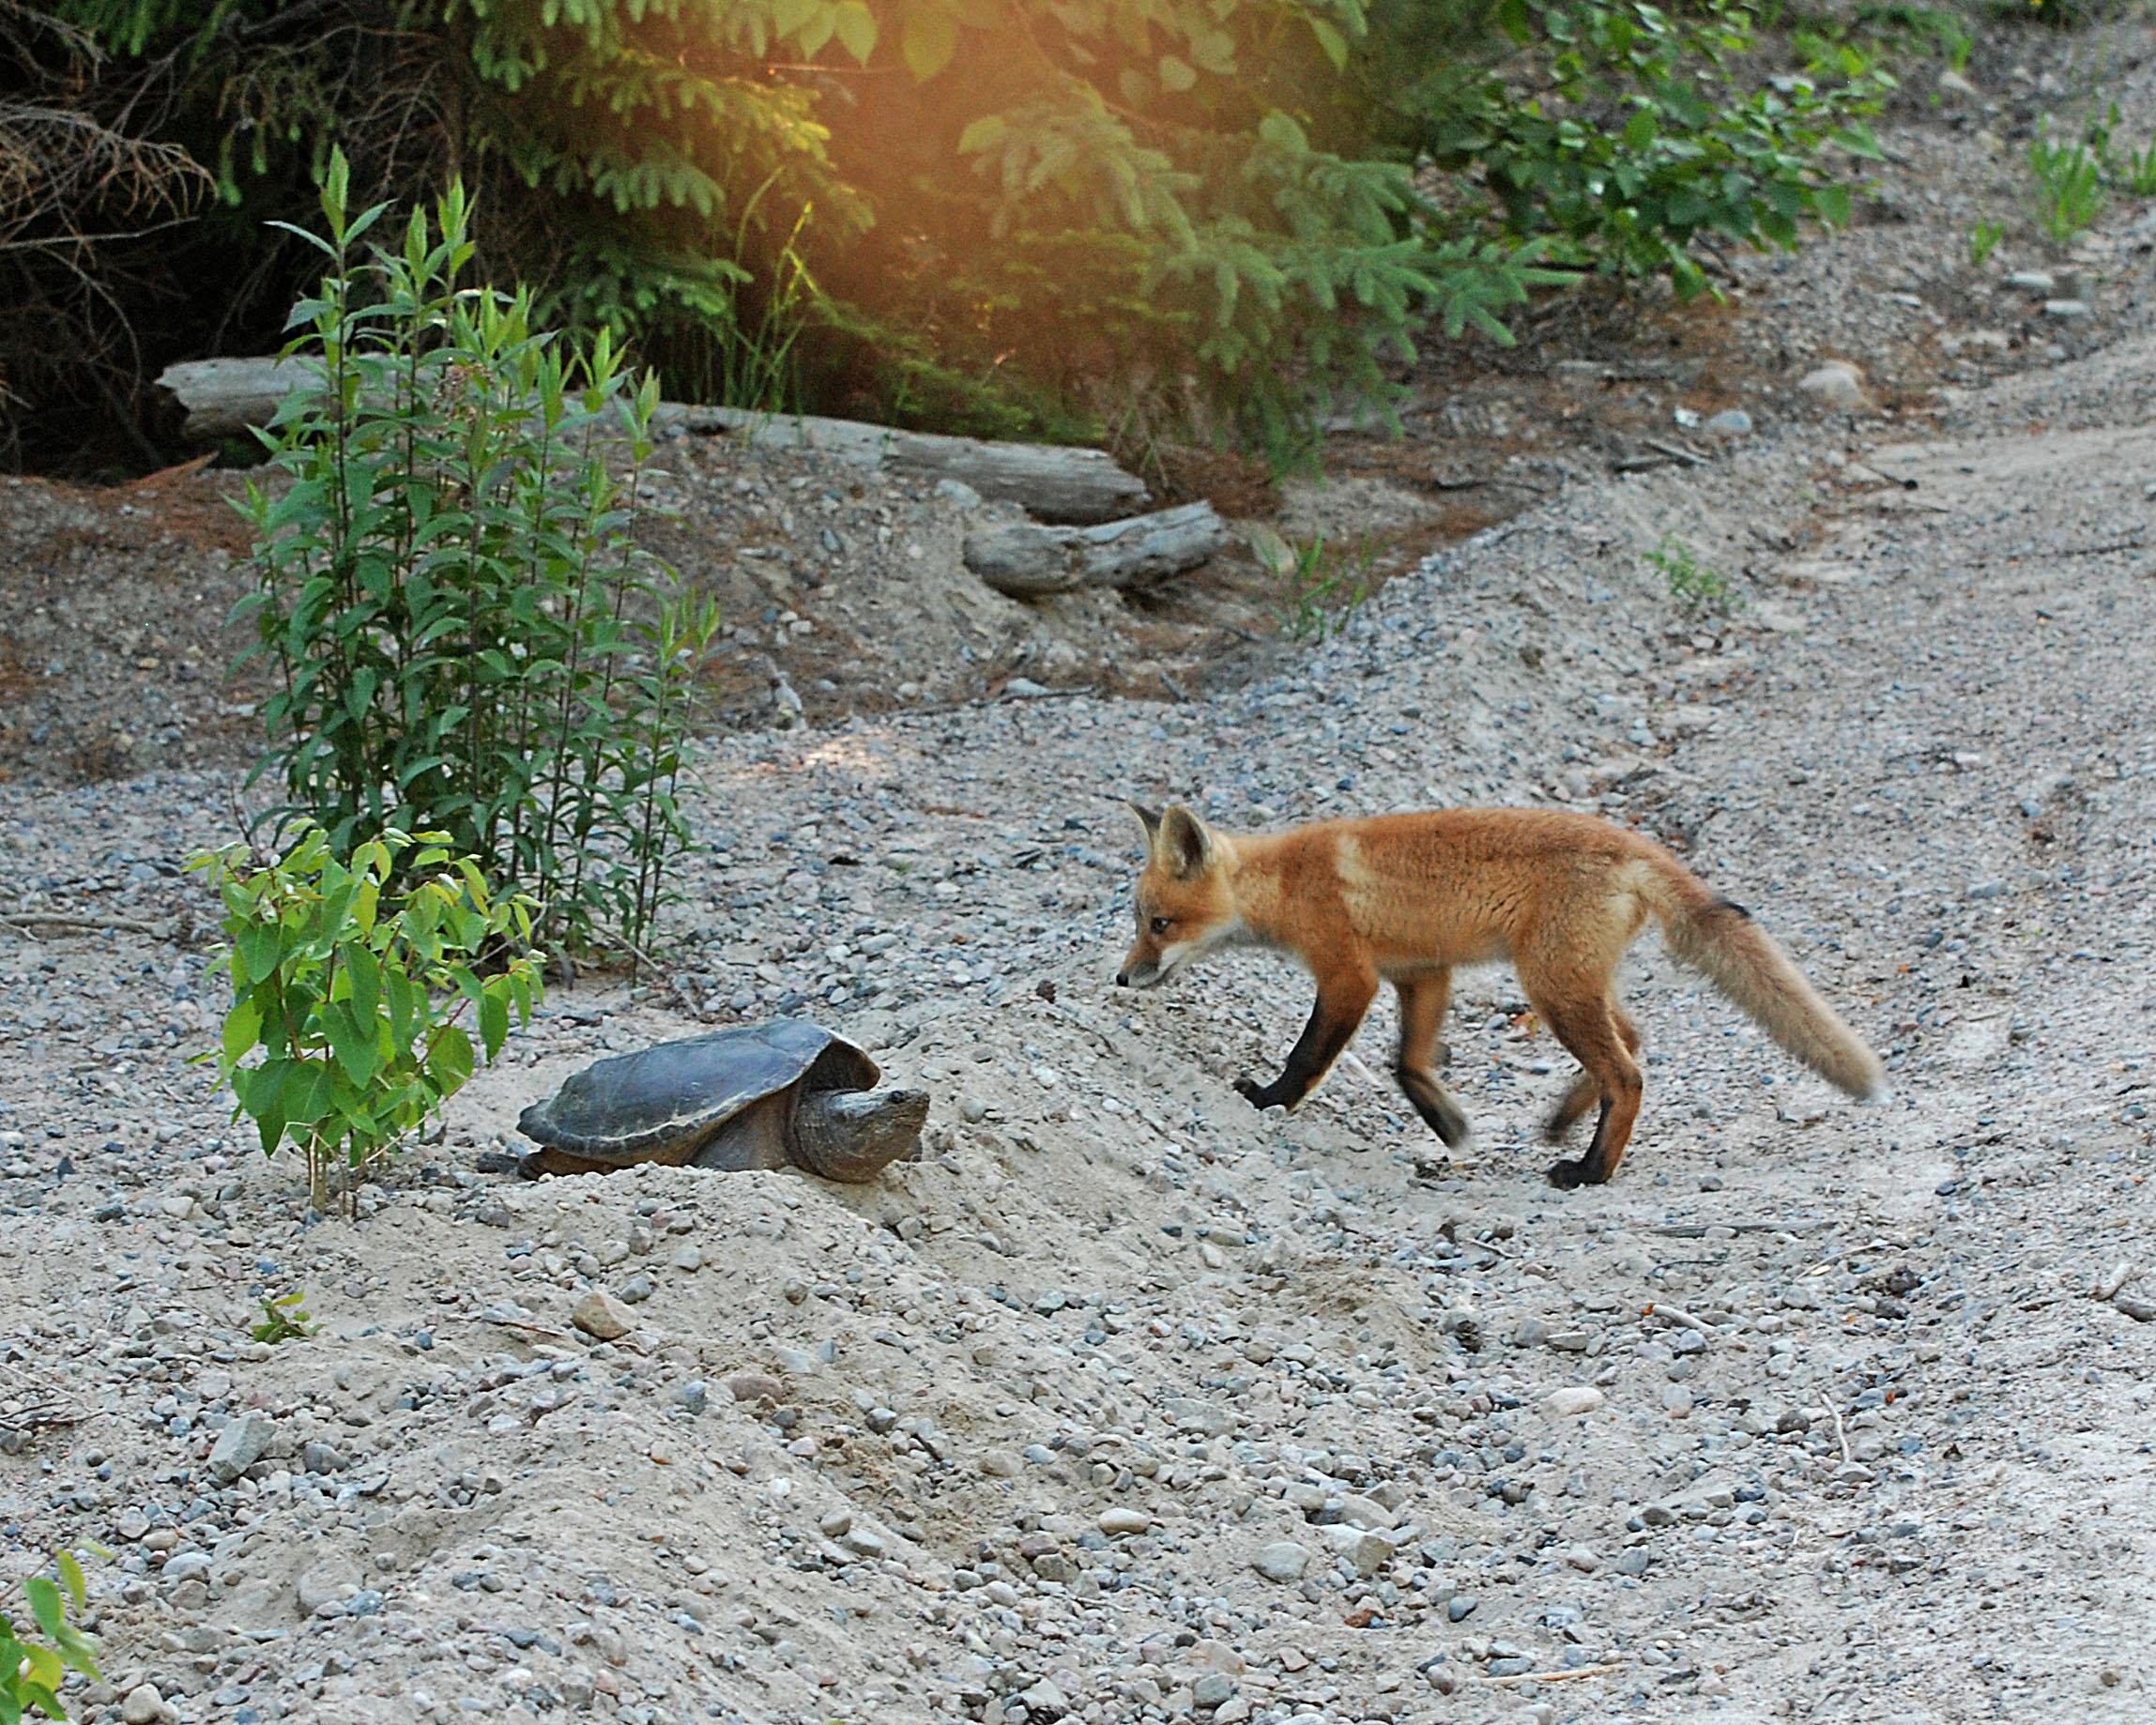 foxwithturtle